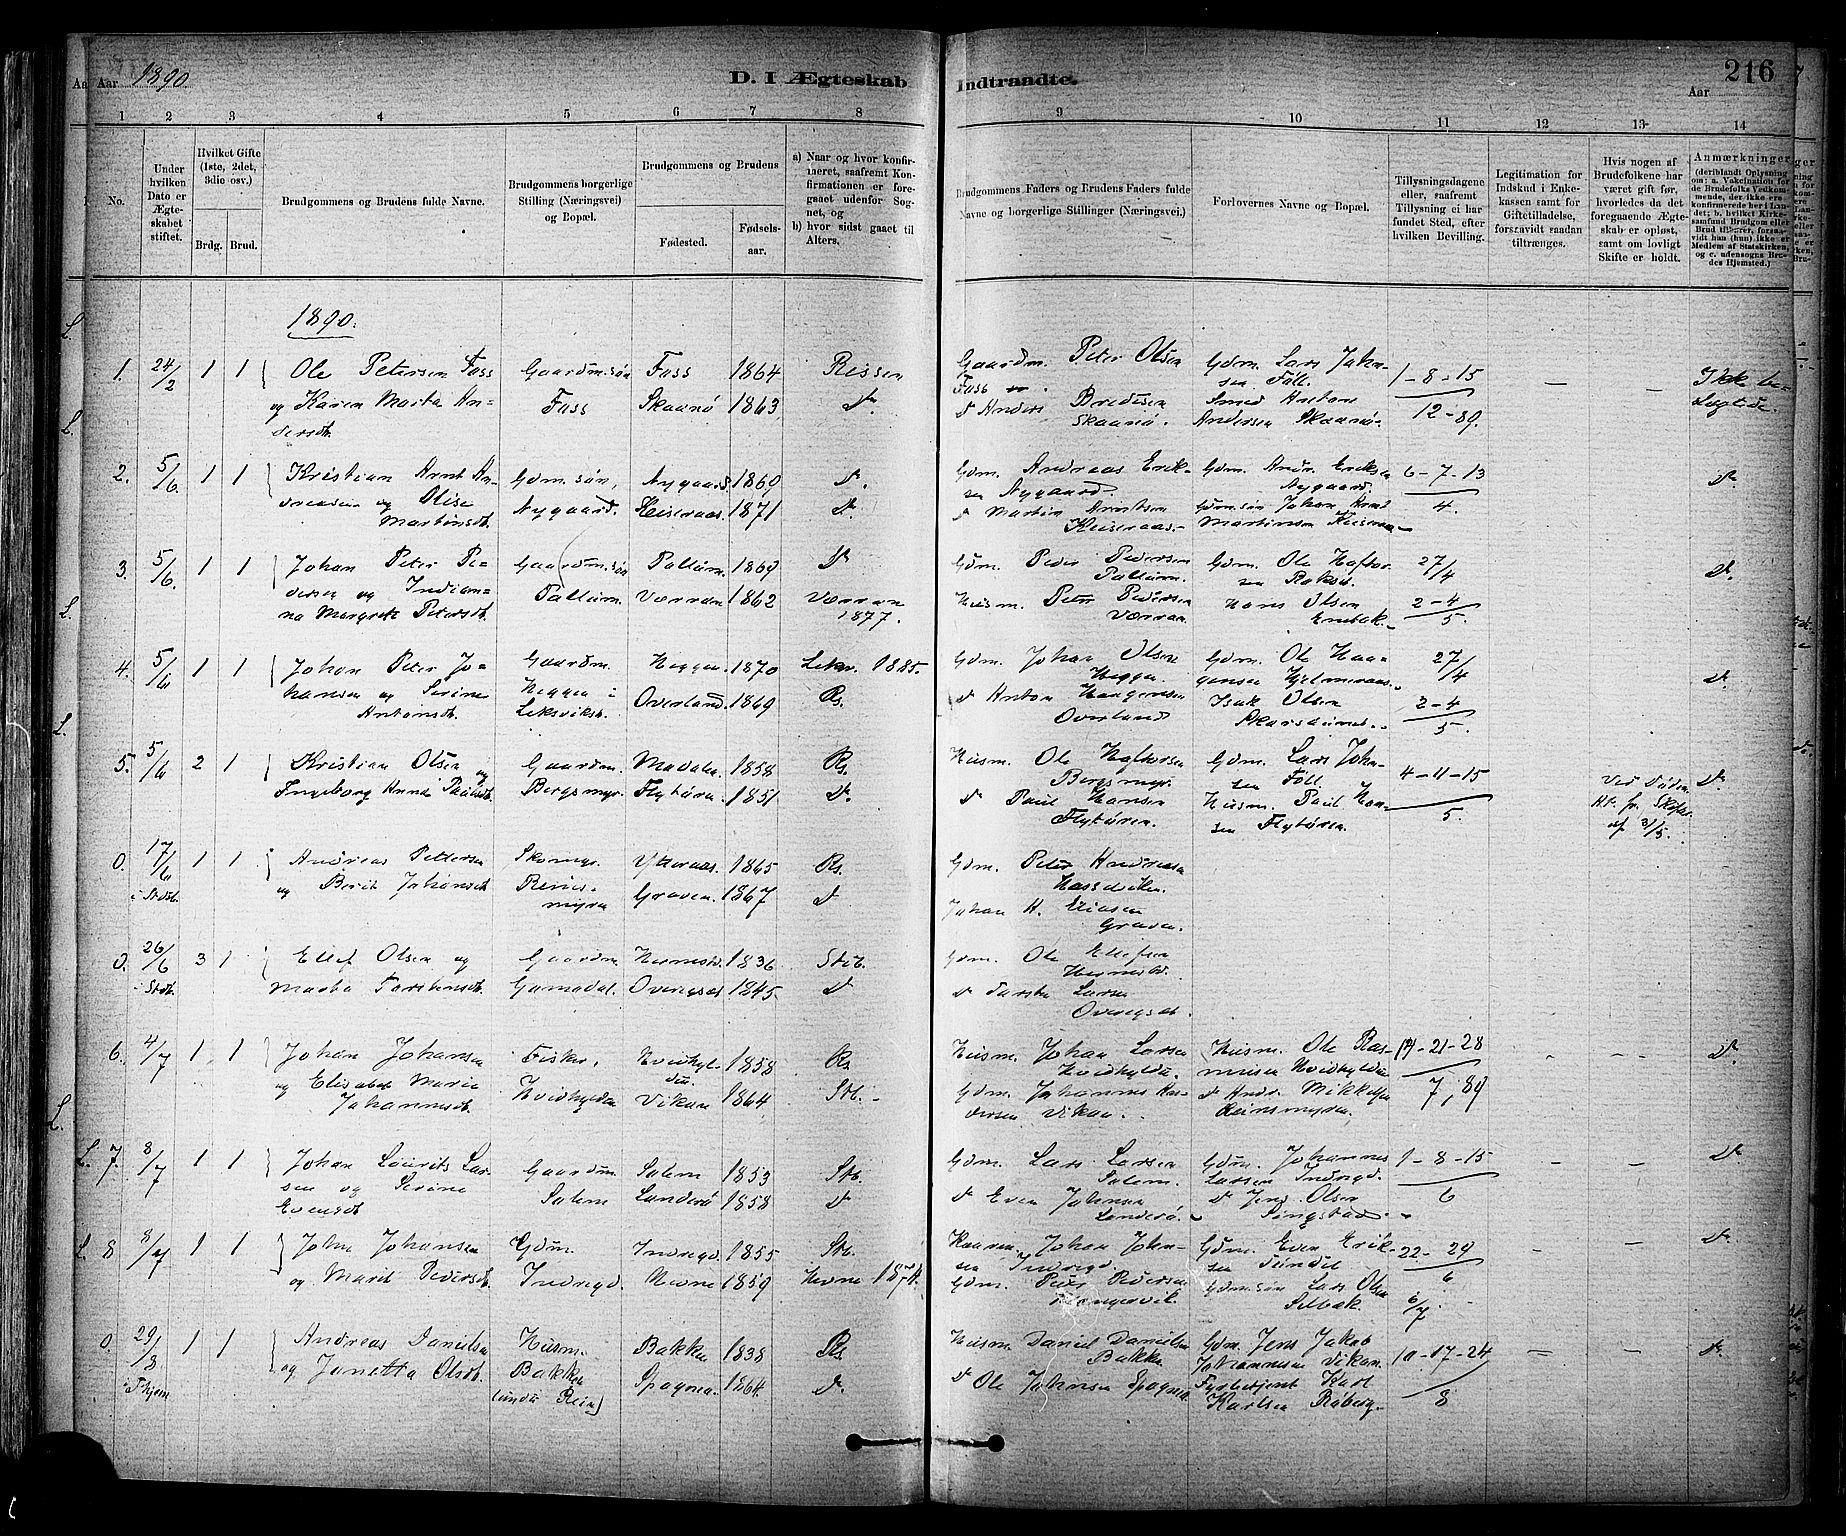 SAT, Ministerialprotokoller, klokkerbøker og fødselsregistre - Sør-Trøndelag, 647/L0634: Ministerialbok nr. 647A01, 1885-1896, s. 216